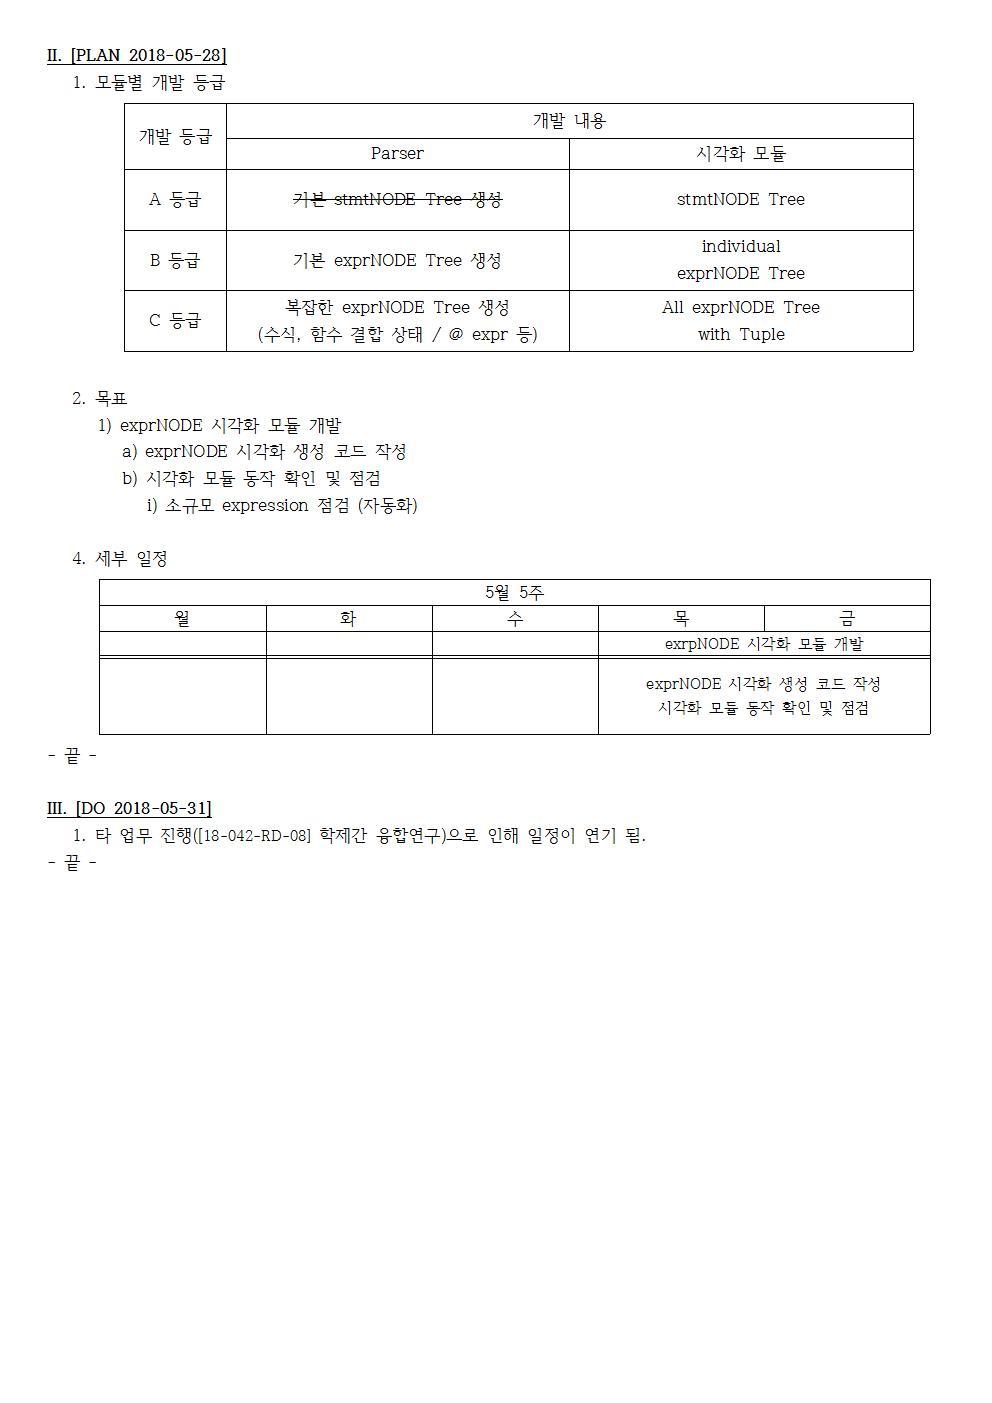 D-[18-003-RD-03]-[SRRE]-[2018-05-31][JS]002.jpg